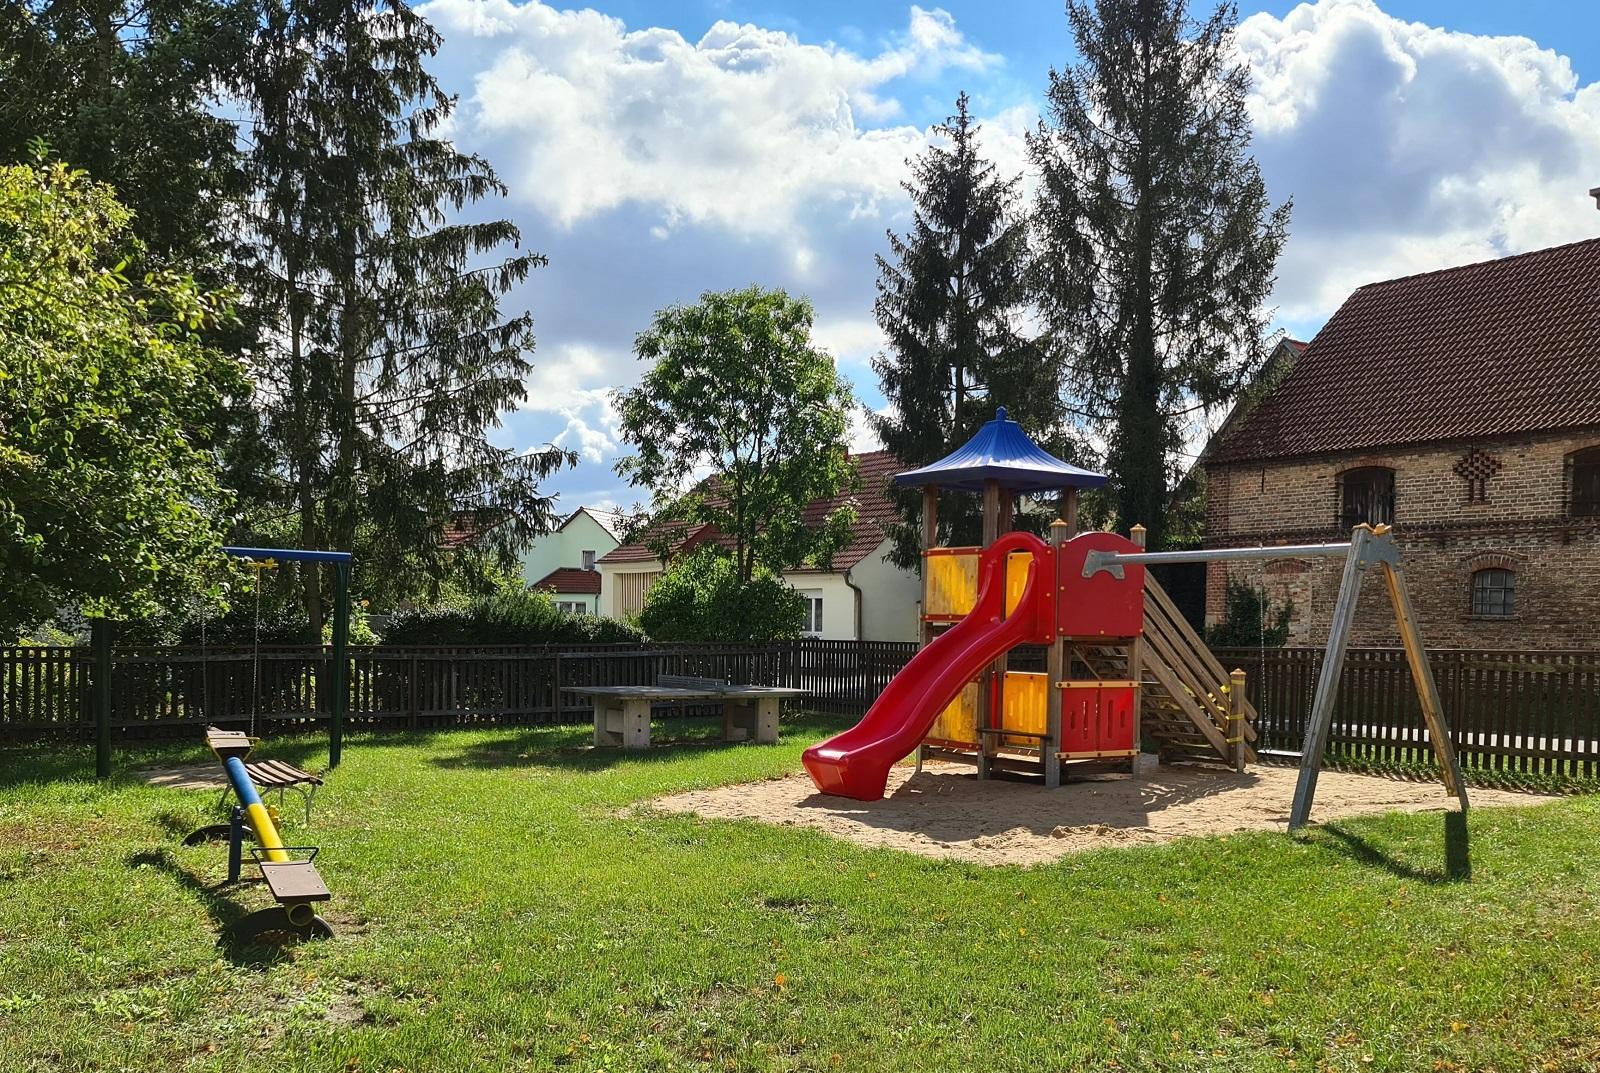 Spielplatz Lühsdorf (Foto: Stadtverwaltung Treuenbrietzen)